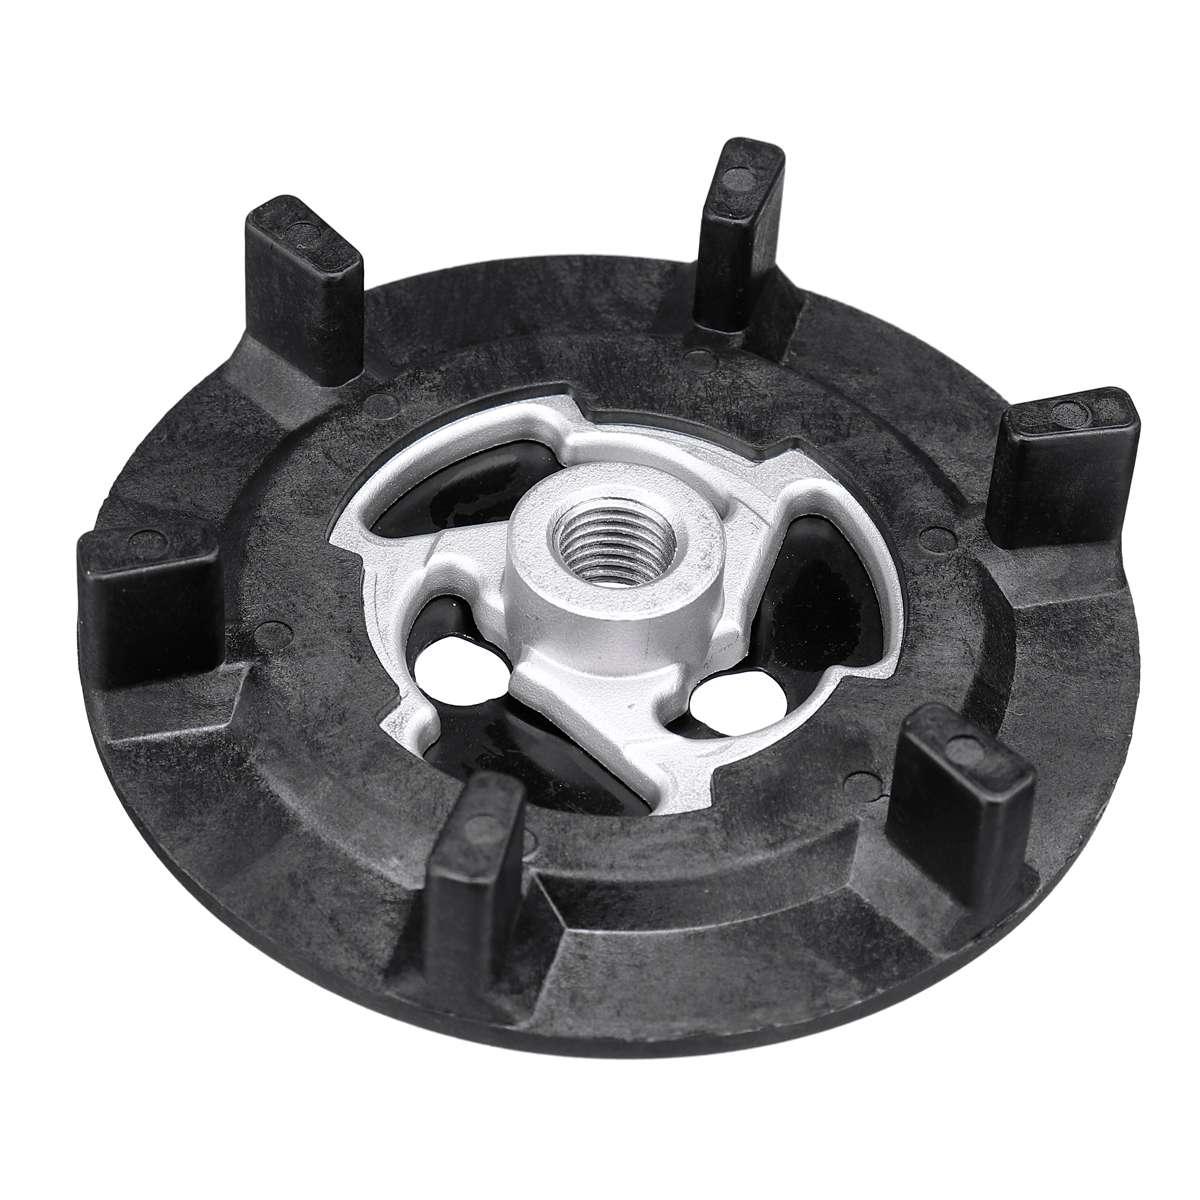 Автомобильный Кондиционер A/C муфта воздушного компрессора ступицы резины 5SE09C 5SL12C 5SEU12C 6SEU14C 6SEU17C 7SEU17C - Название цвета: Without Rubber